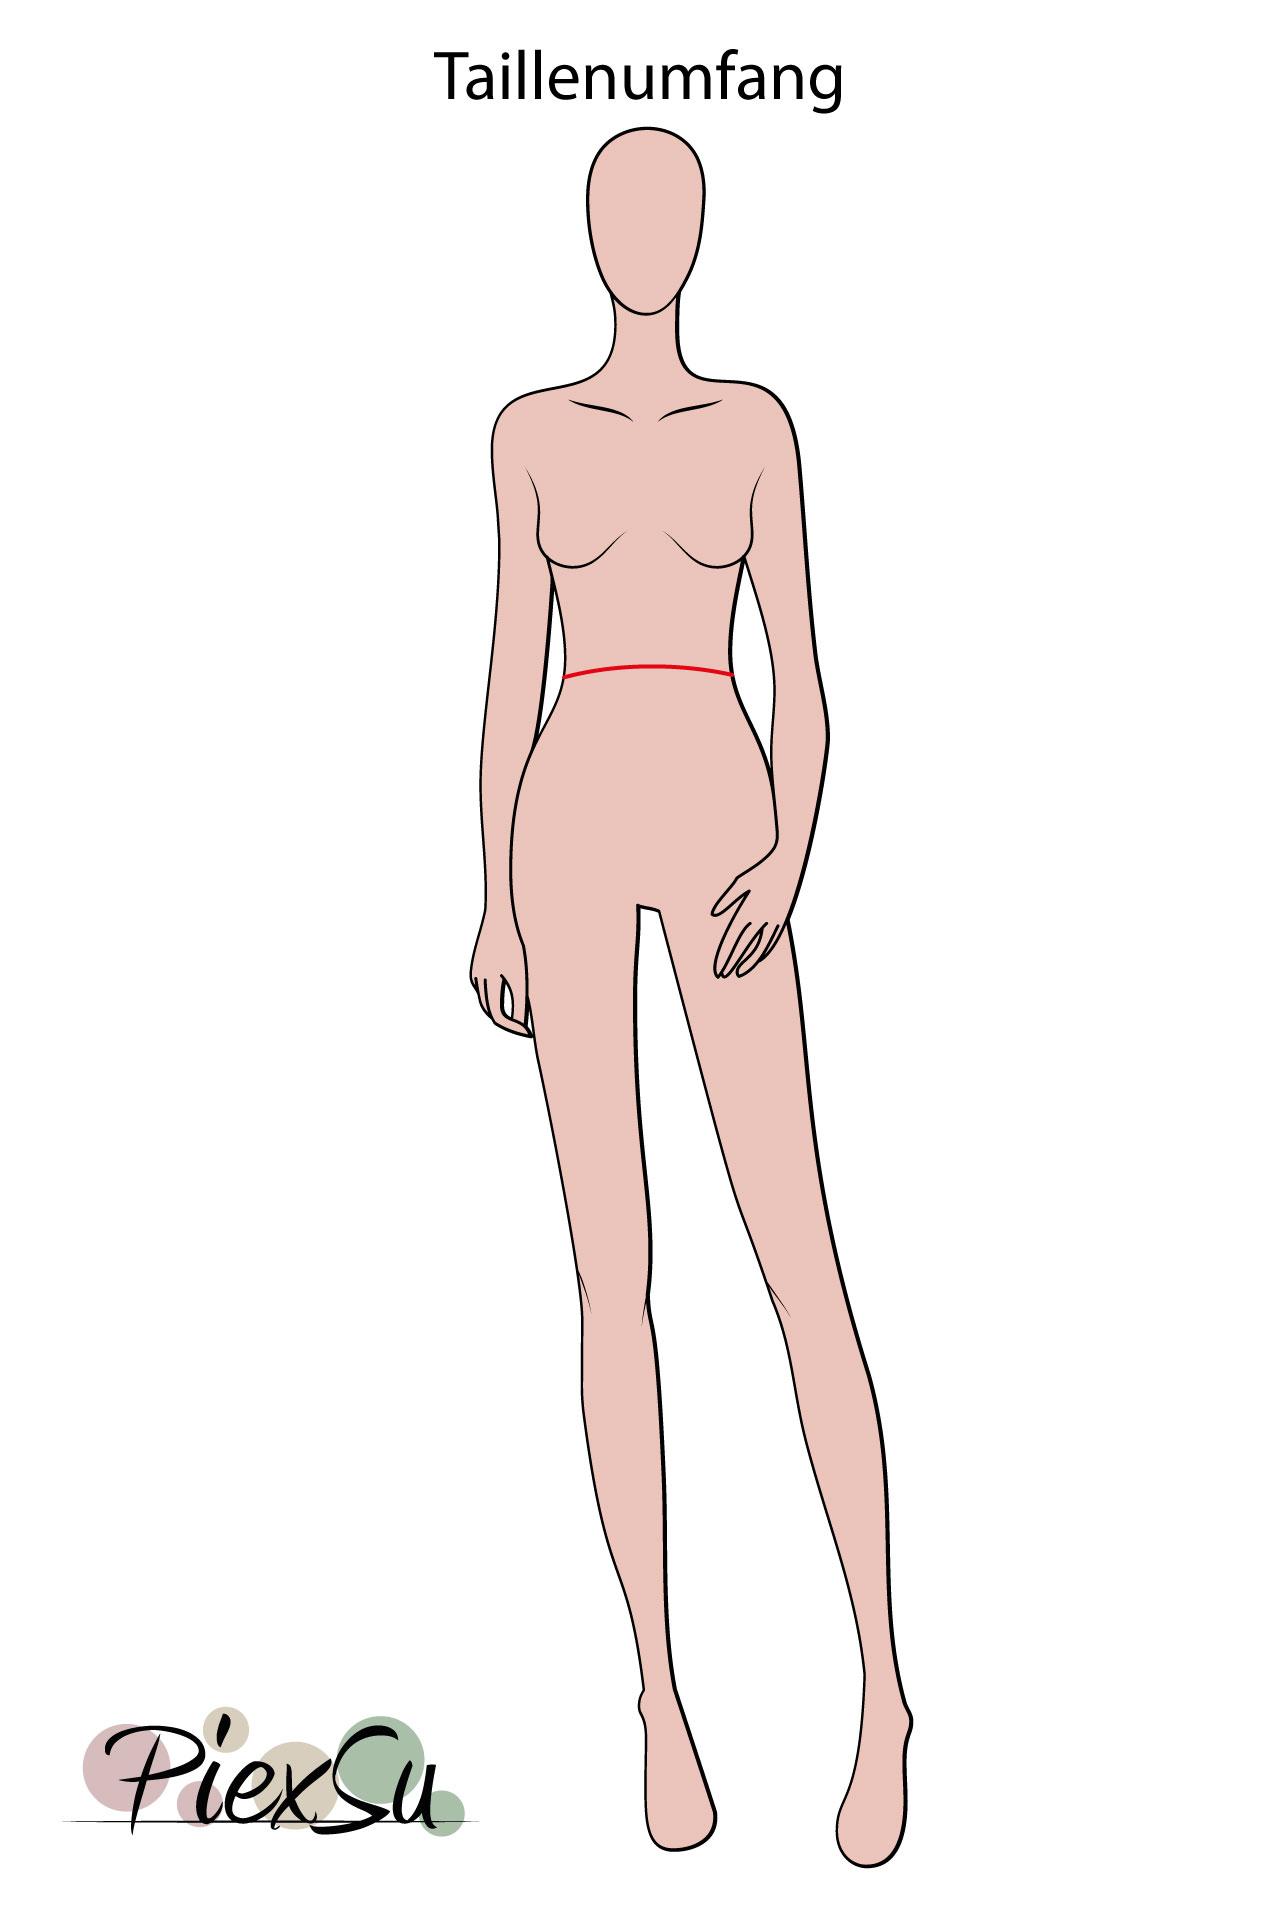 PiexSu-richtig-Maßnehmen-Maße-Schnittmuster-nähen-Schnittmuster-anpassen-messen-Maßband-Taillenumfang